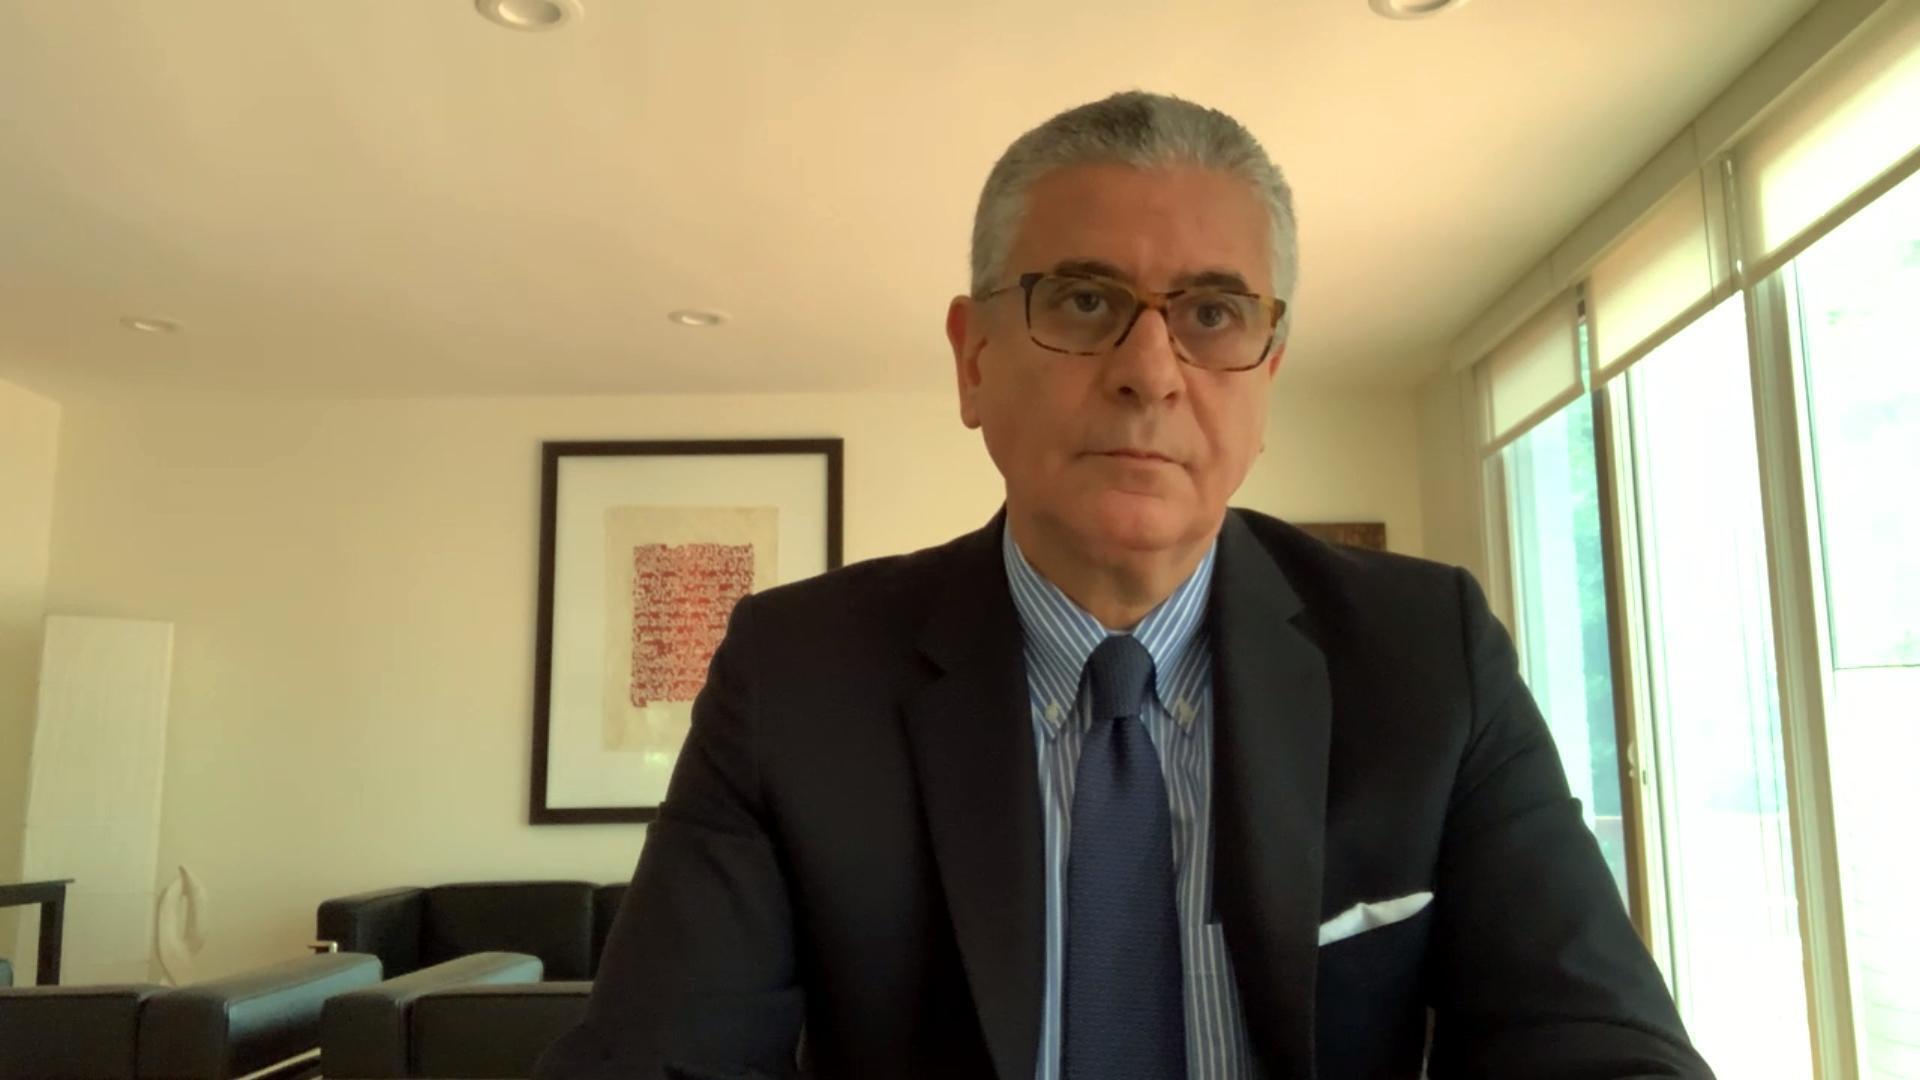 Ferid Belhaj, vice-président de la Banque mondiale pour la région Moyen-Orient et Afrique du Nord.